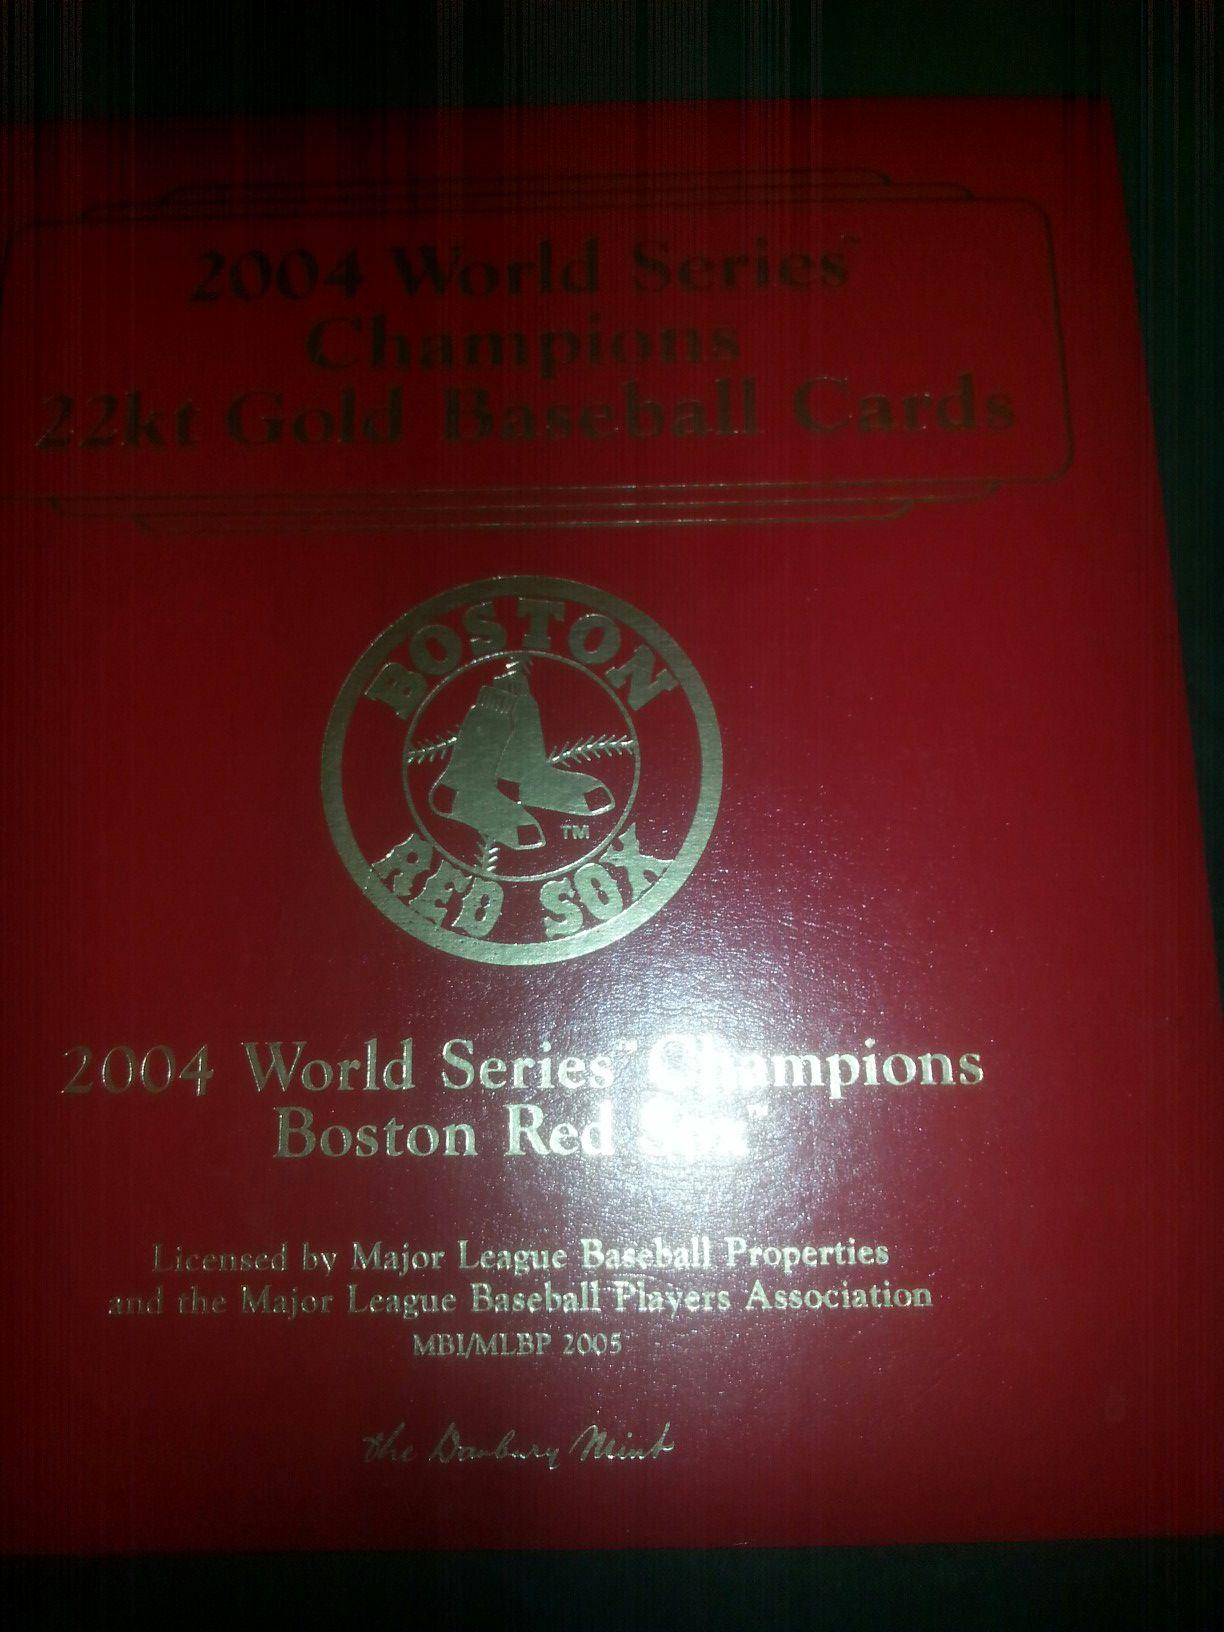 2004 world series redsox 22kt gold cards